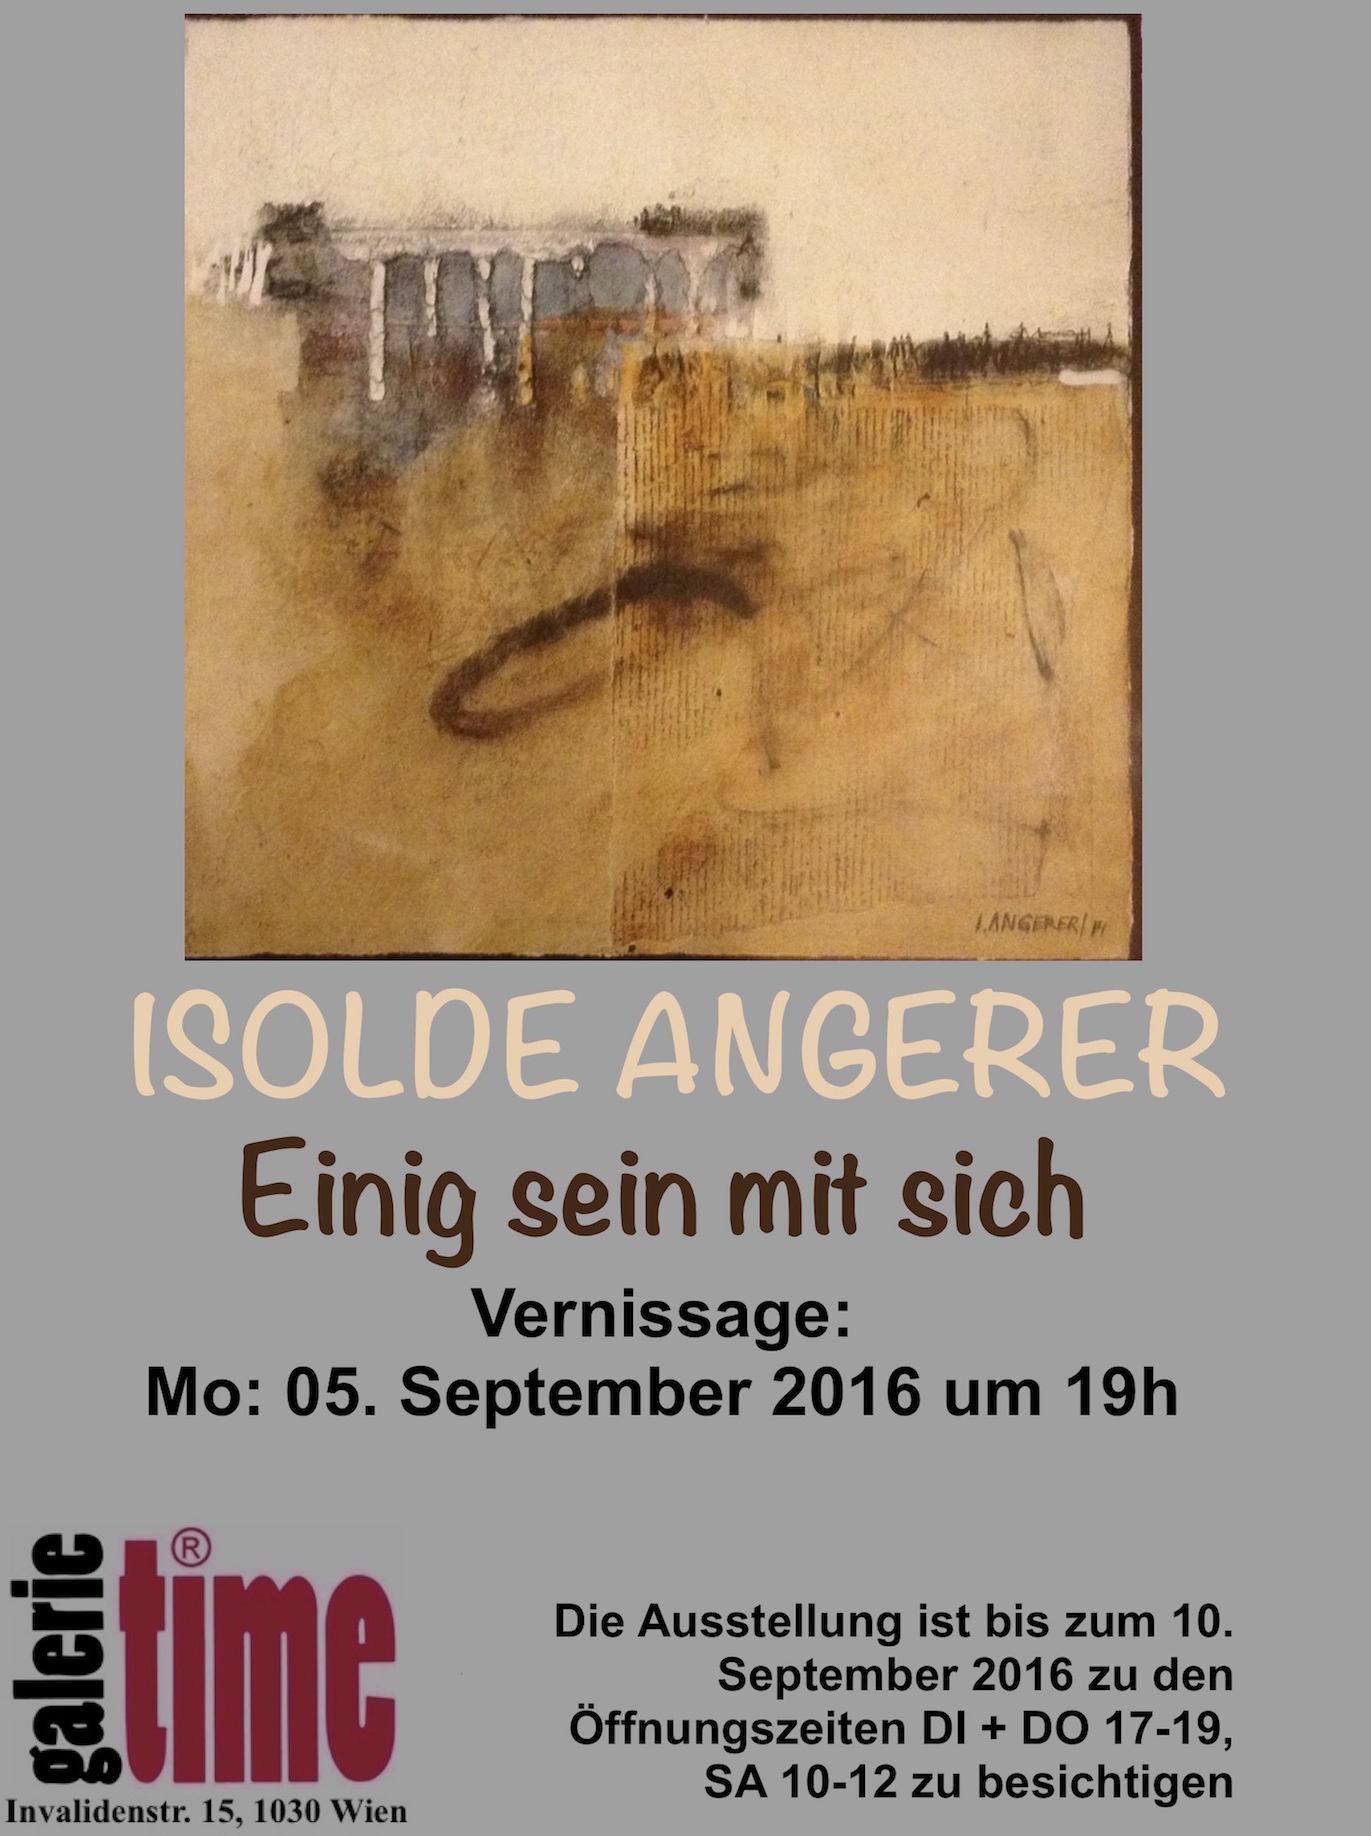 Isolde Angerer